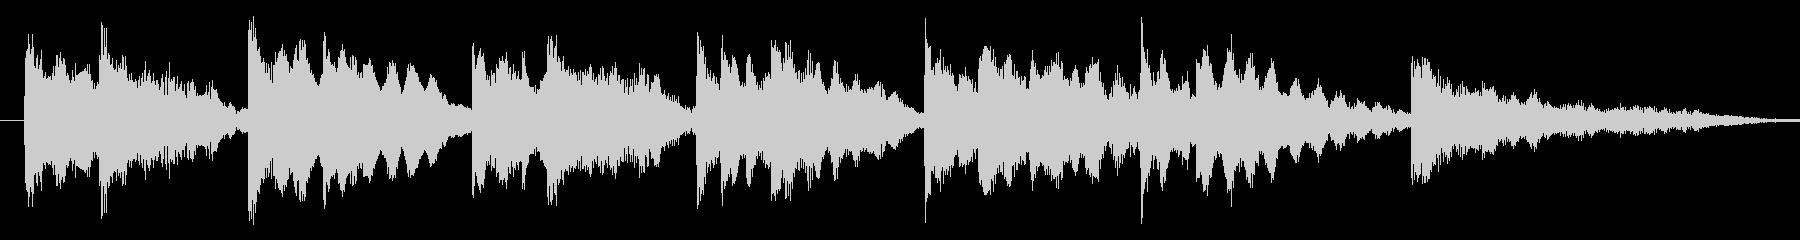 キレイ系の優しいエレピのジングル-aの未再生の波形